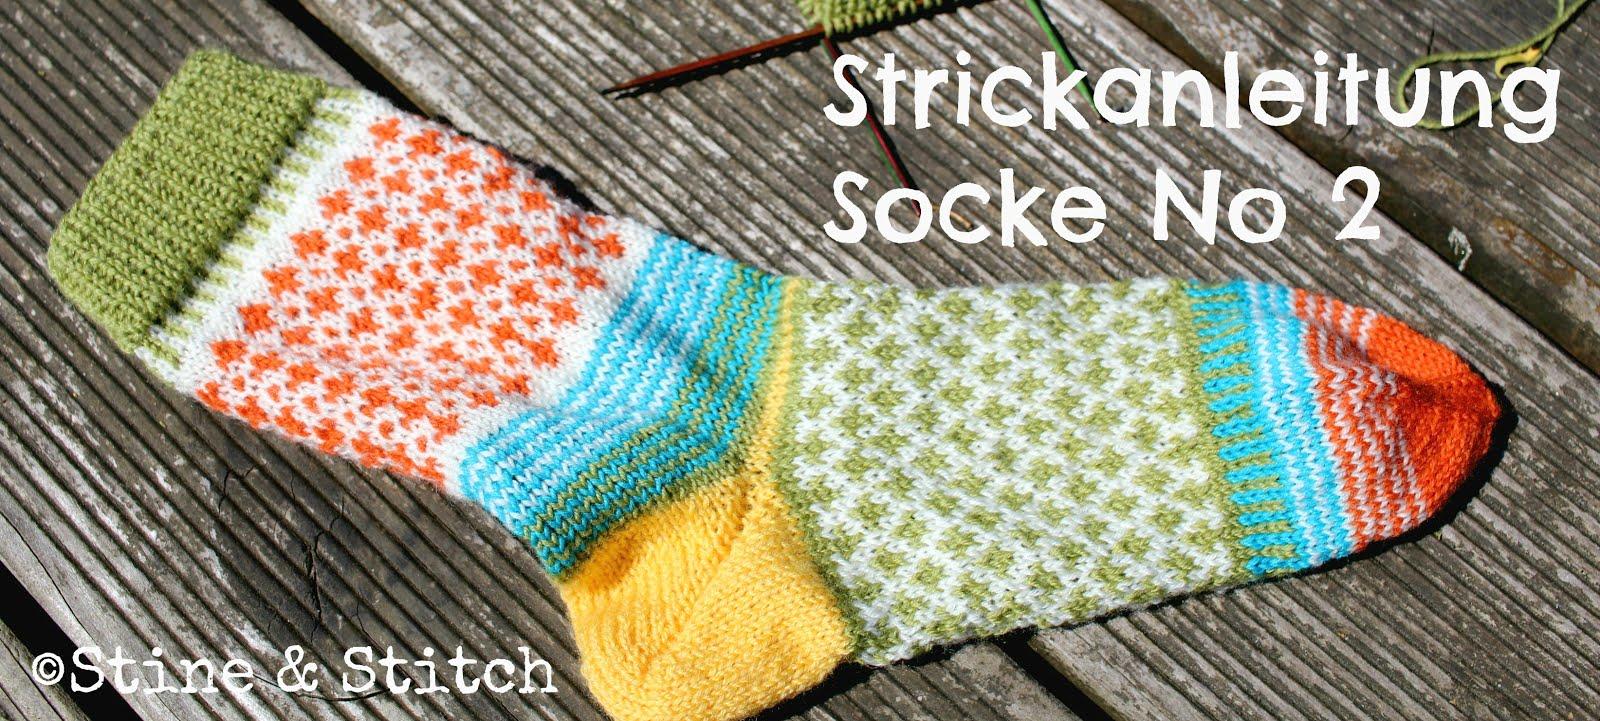 Strickanleitung Socke No 2